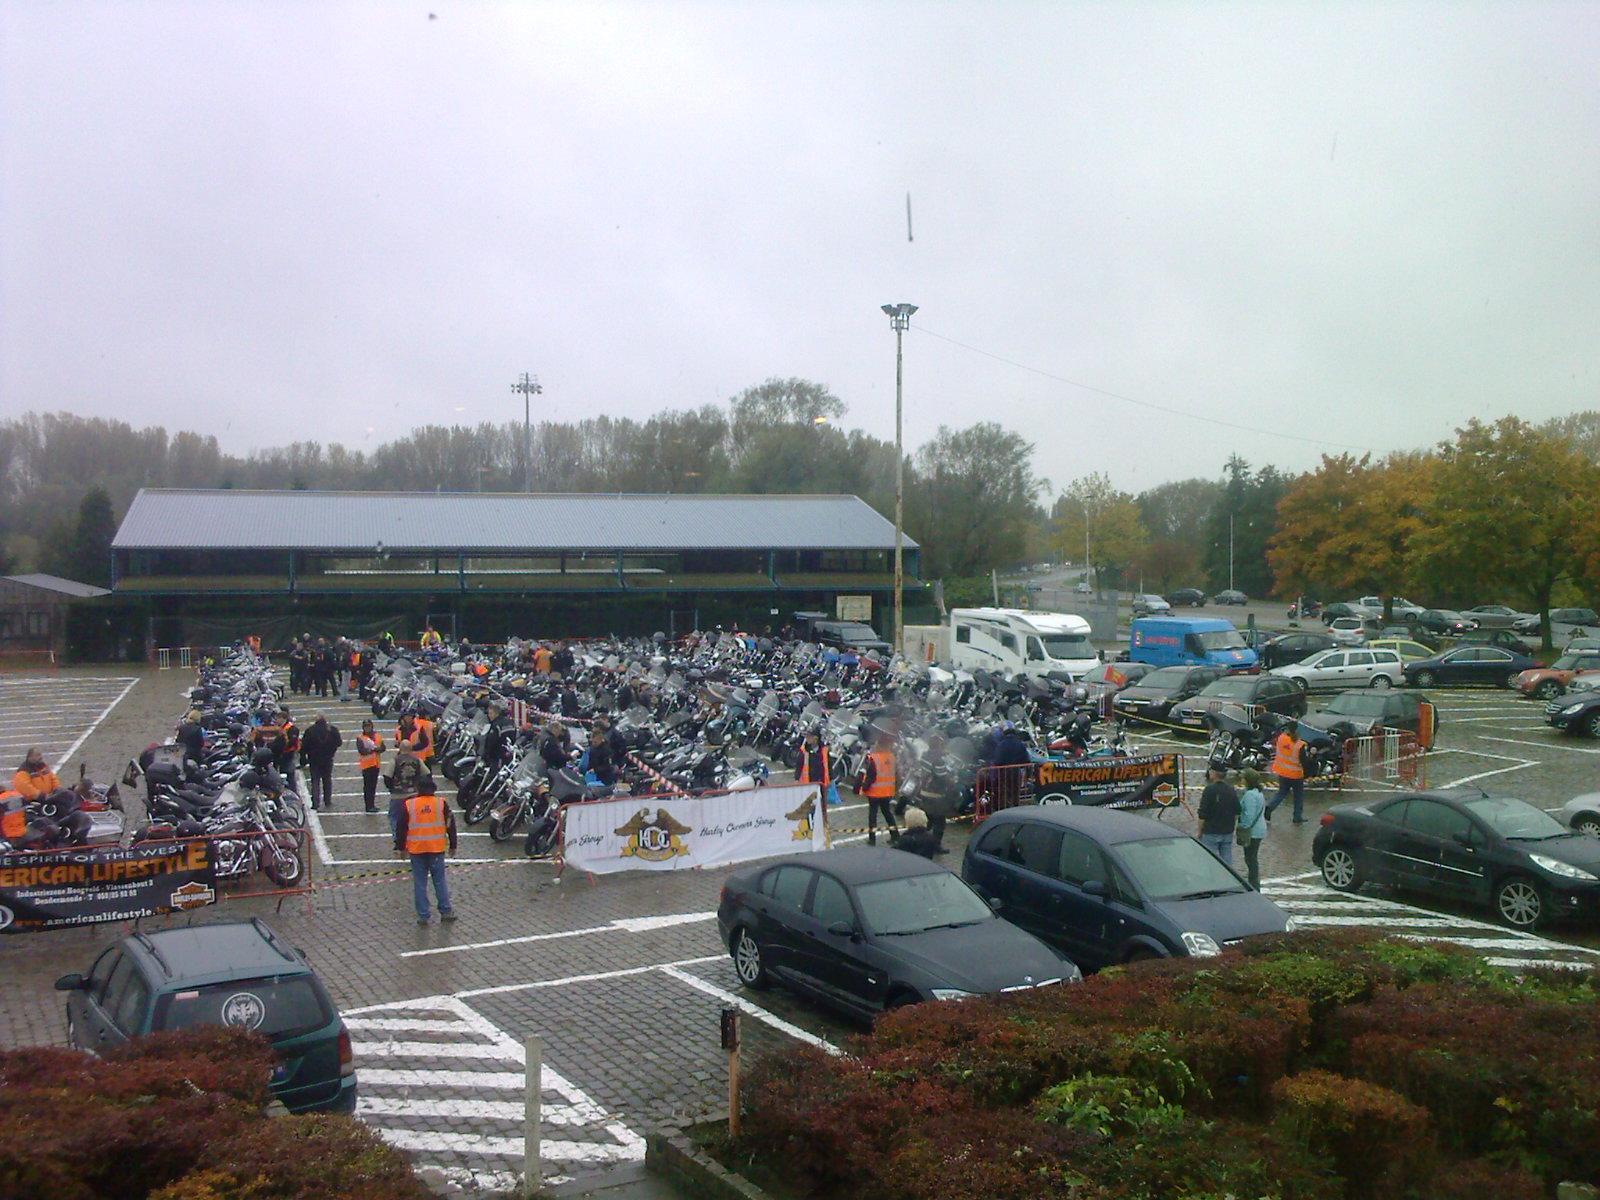 2009-10-24-500 mijl Belgie (15)